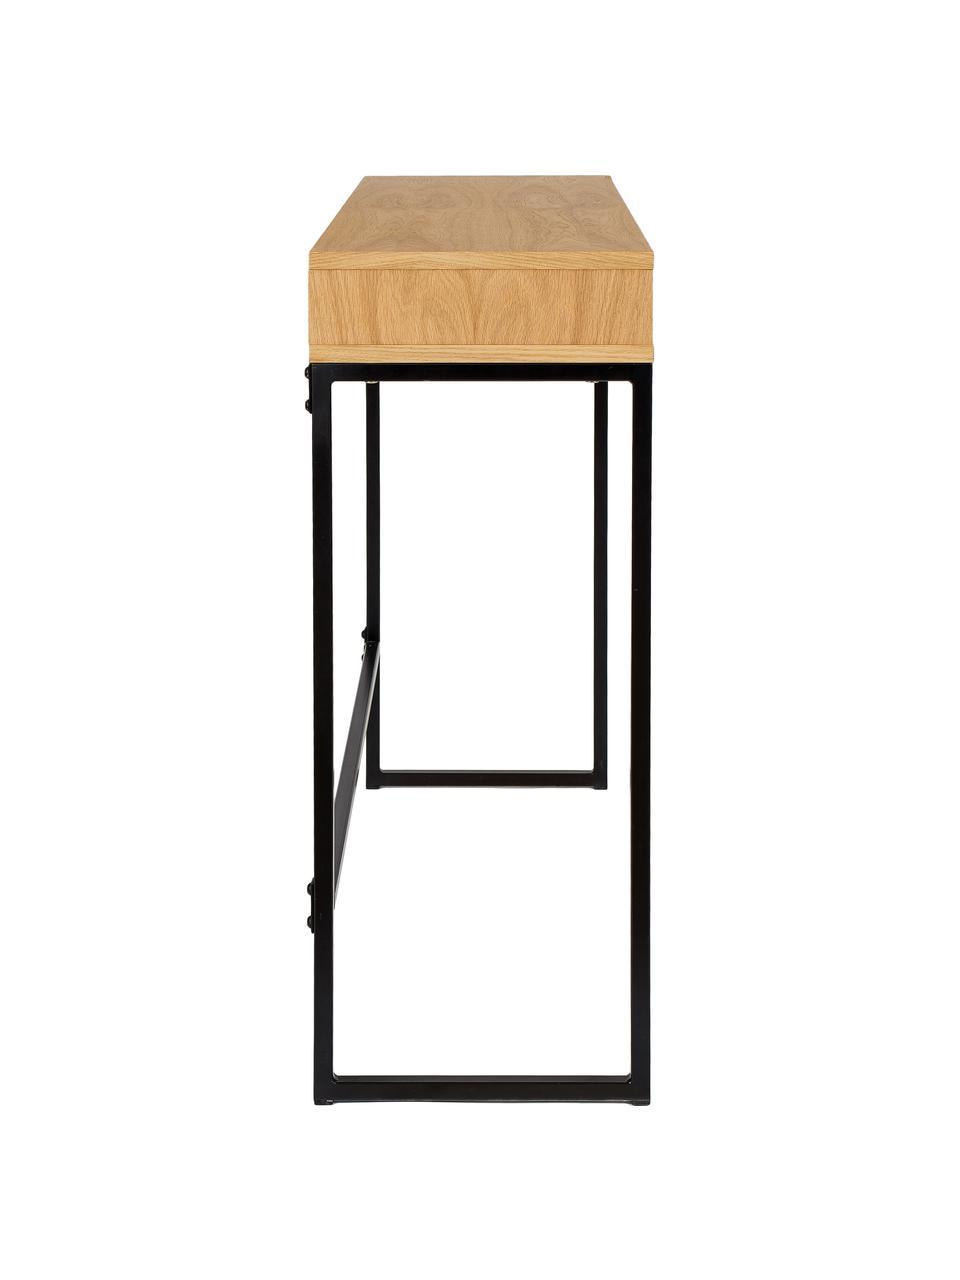 Scrivania alta Frame, Gambe: metallo verniciato a polv, Legno di quercia, Larg. 100 x Prof. 35 cm